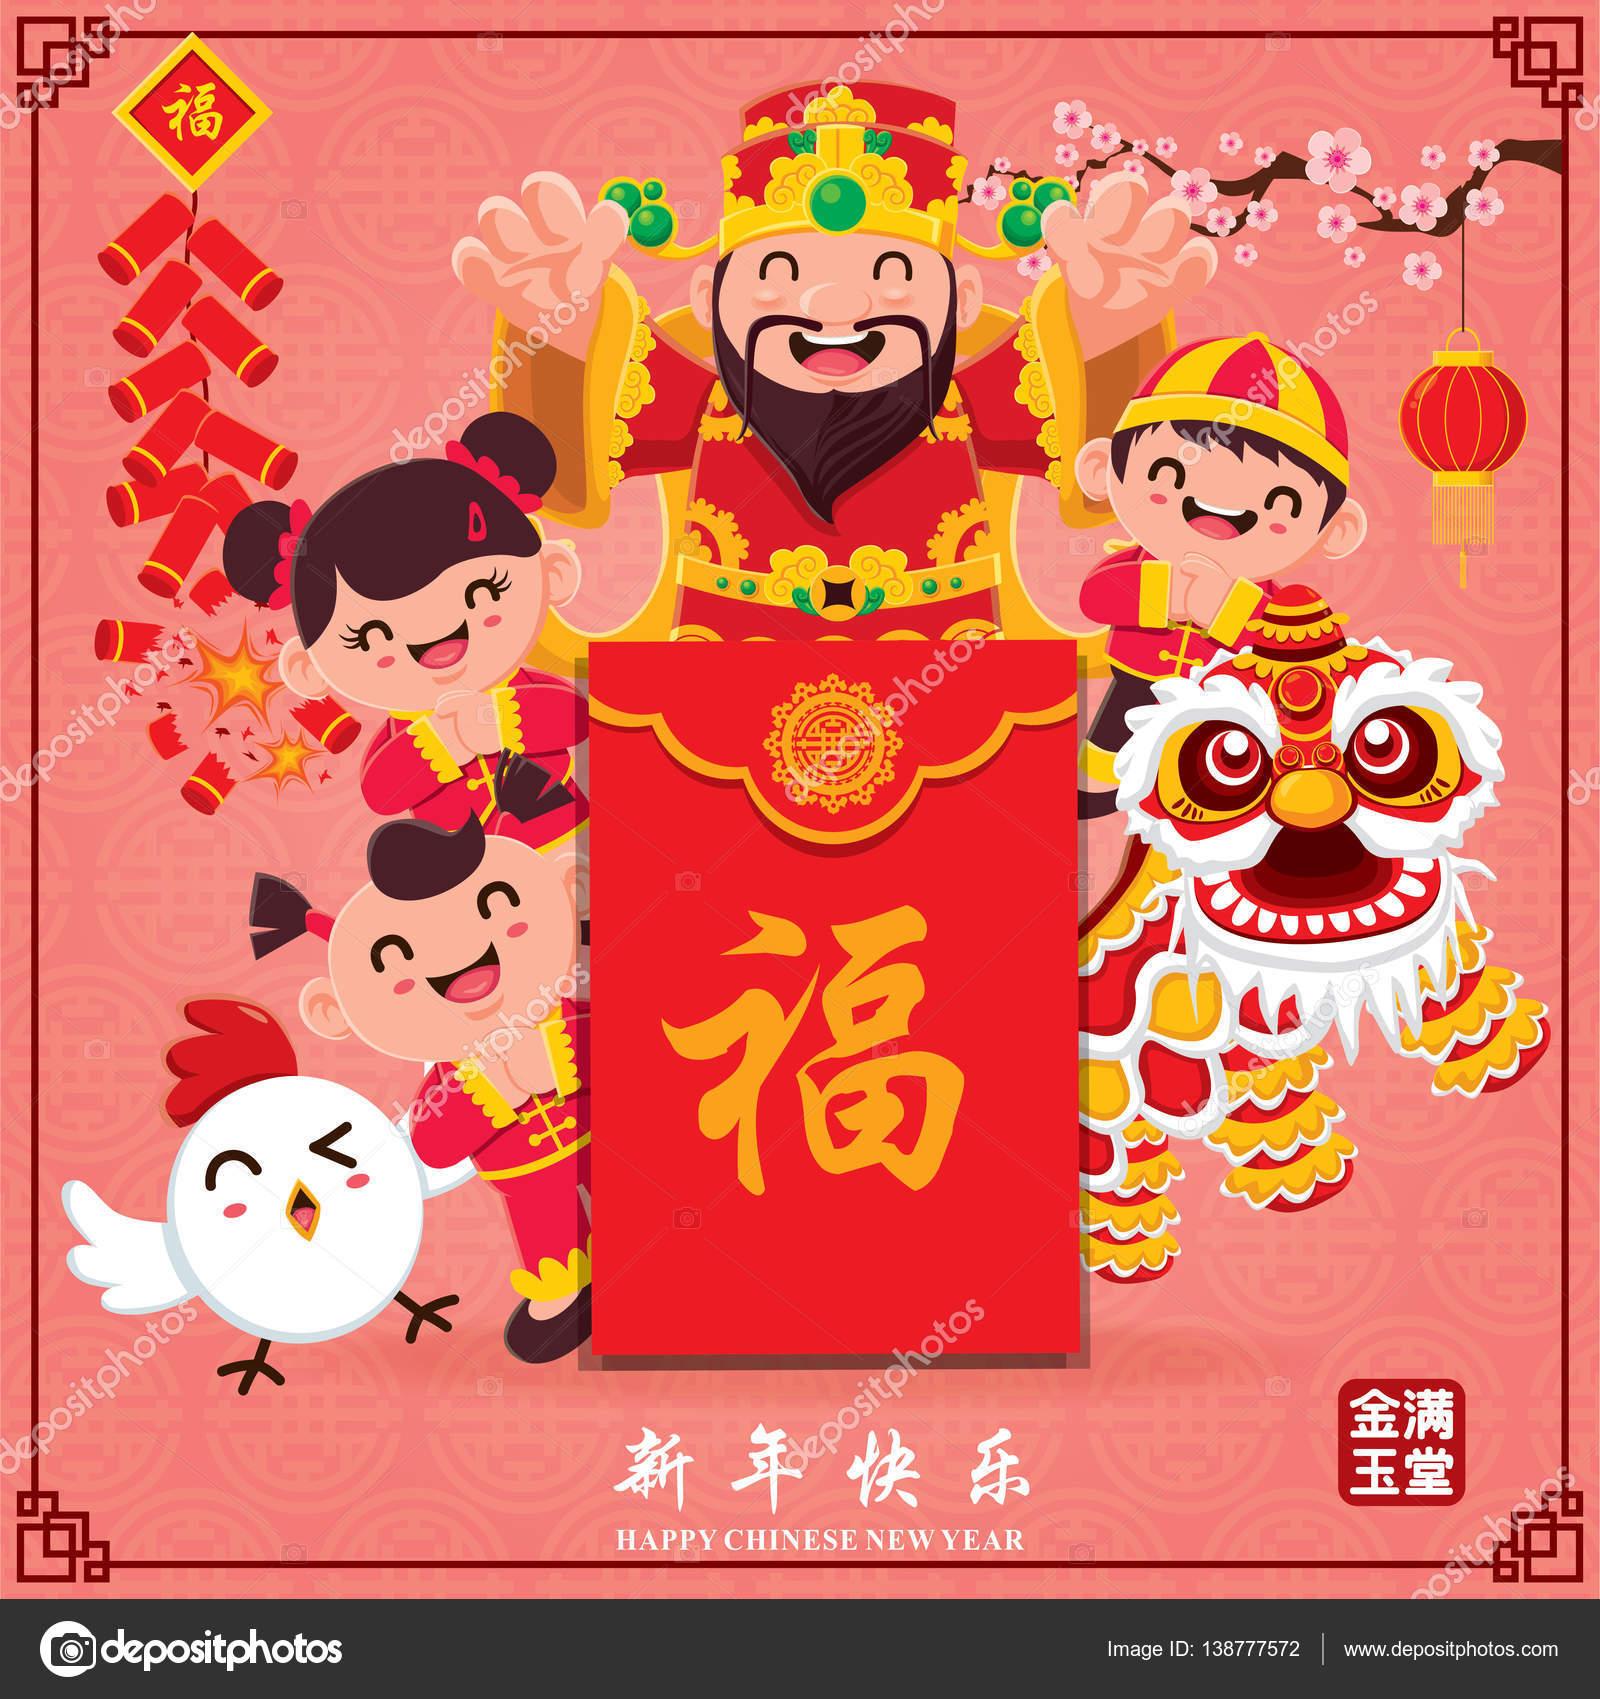 Vintage Chinesisches Neujahr-Poster-Design. Chinesisches ...